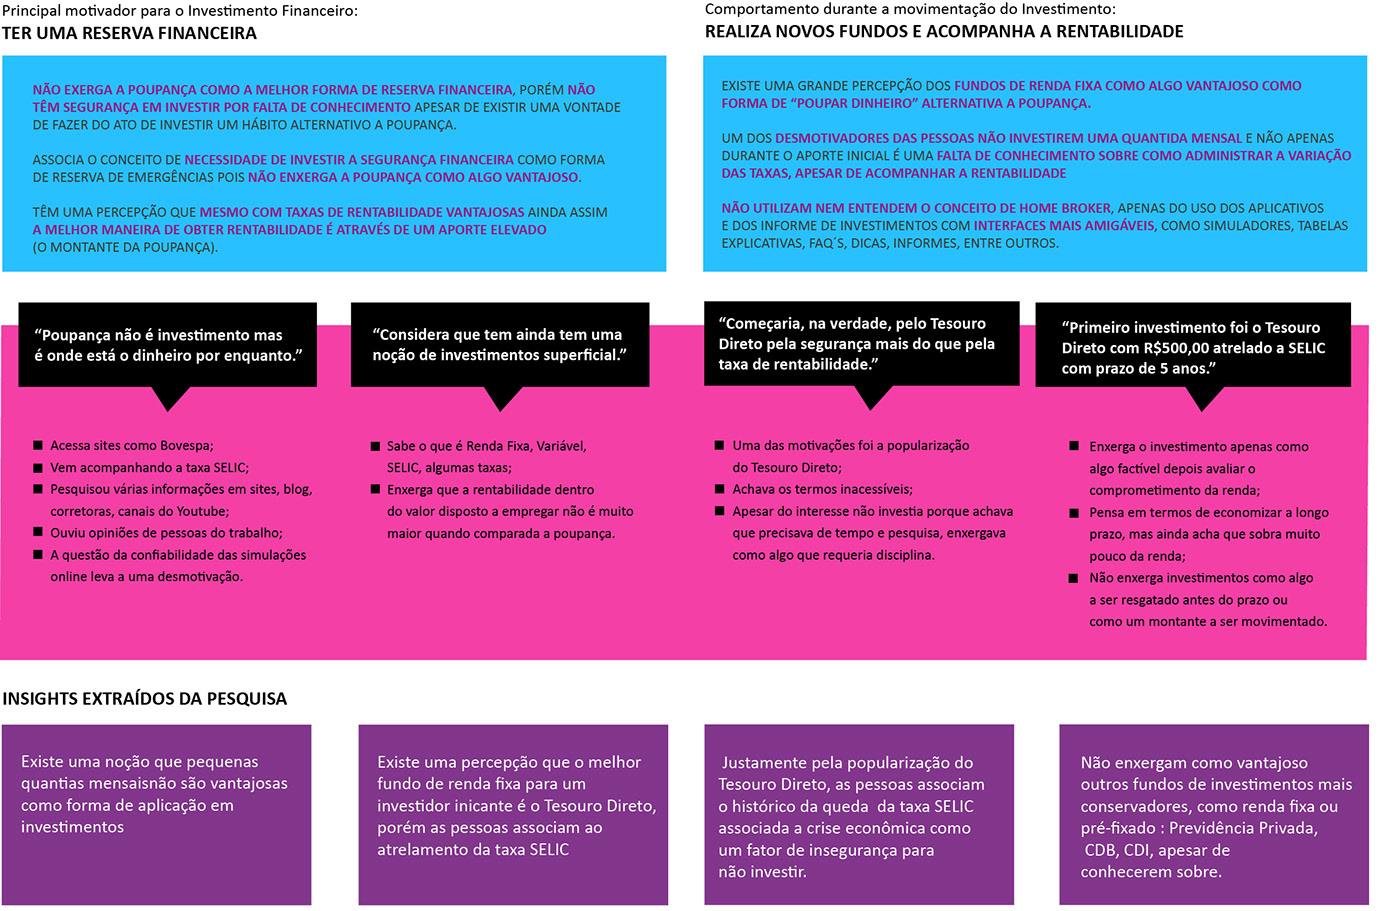 canvas storytelling   user journey jornada do usuário design thinking mind map mapas conceituais user experience experiência do usuário prisma design thinking